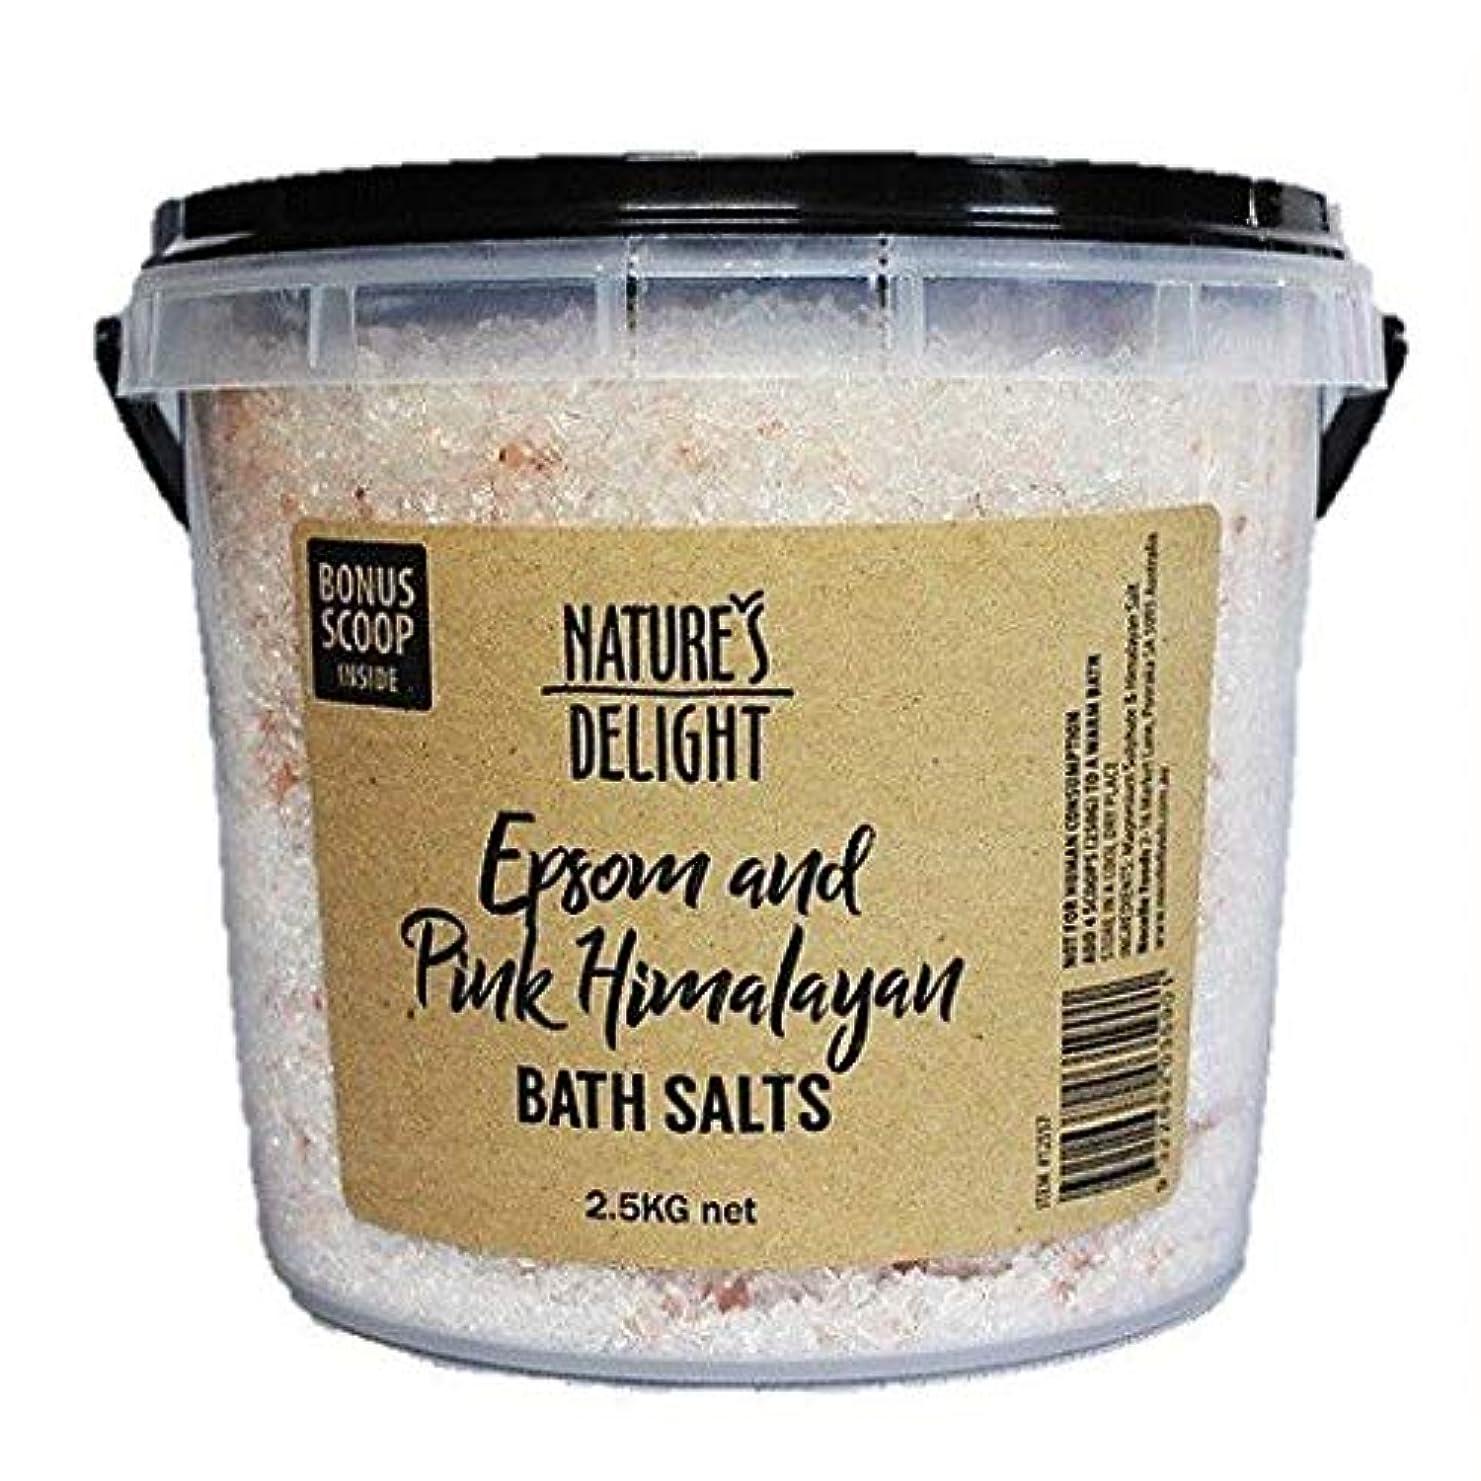 友だち気分が悪い信じられないヒマラヤ岩塩 エプソムソルト&ピンクヒマラヤ バスソルト 2.5kg 専用計量スプーン付